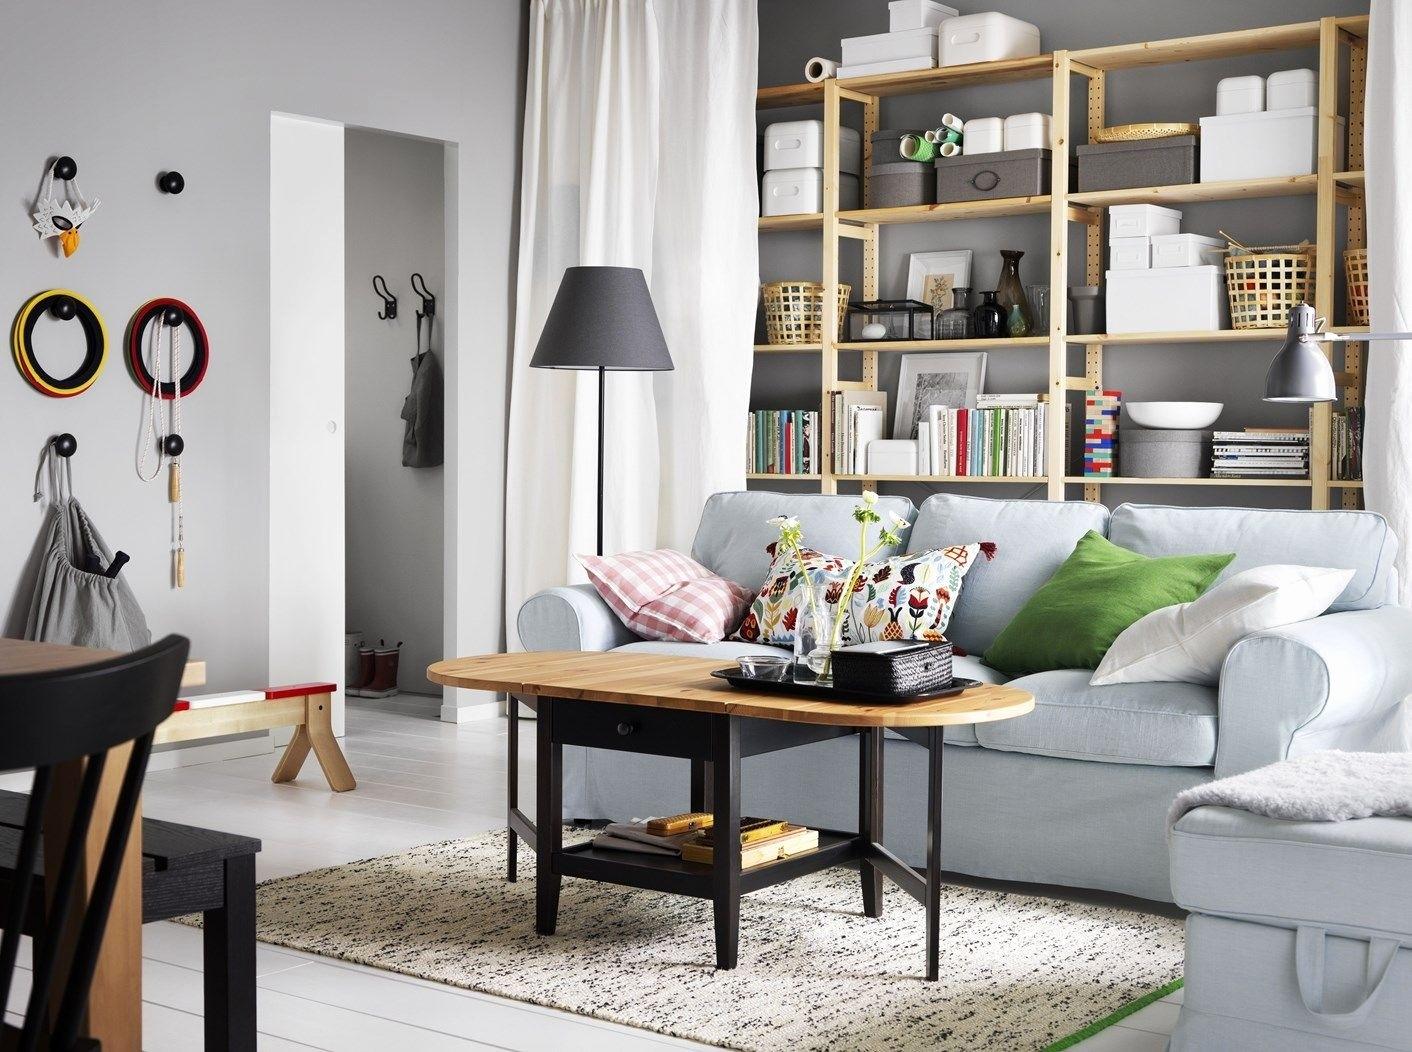 """Applique Salle De Bain Ikea Luxe Stock Spot Salle De Bain Ikea Beau Spot Led Salon Unique Salon Zdj""""¢""""¢cie"""